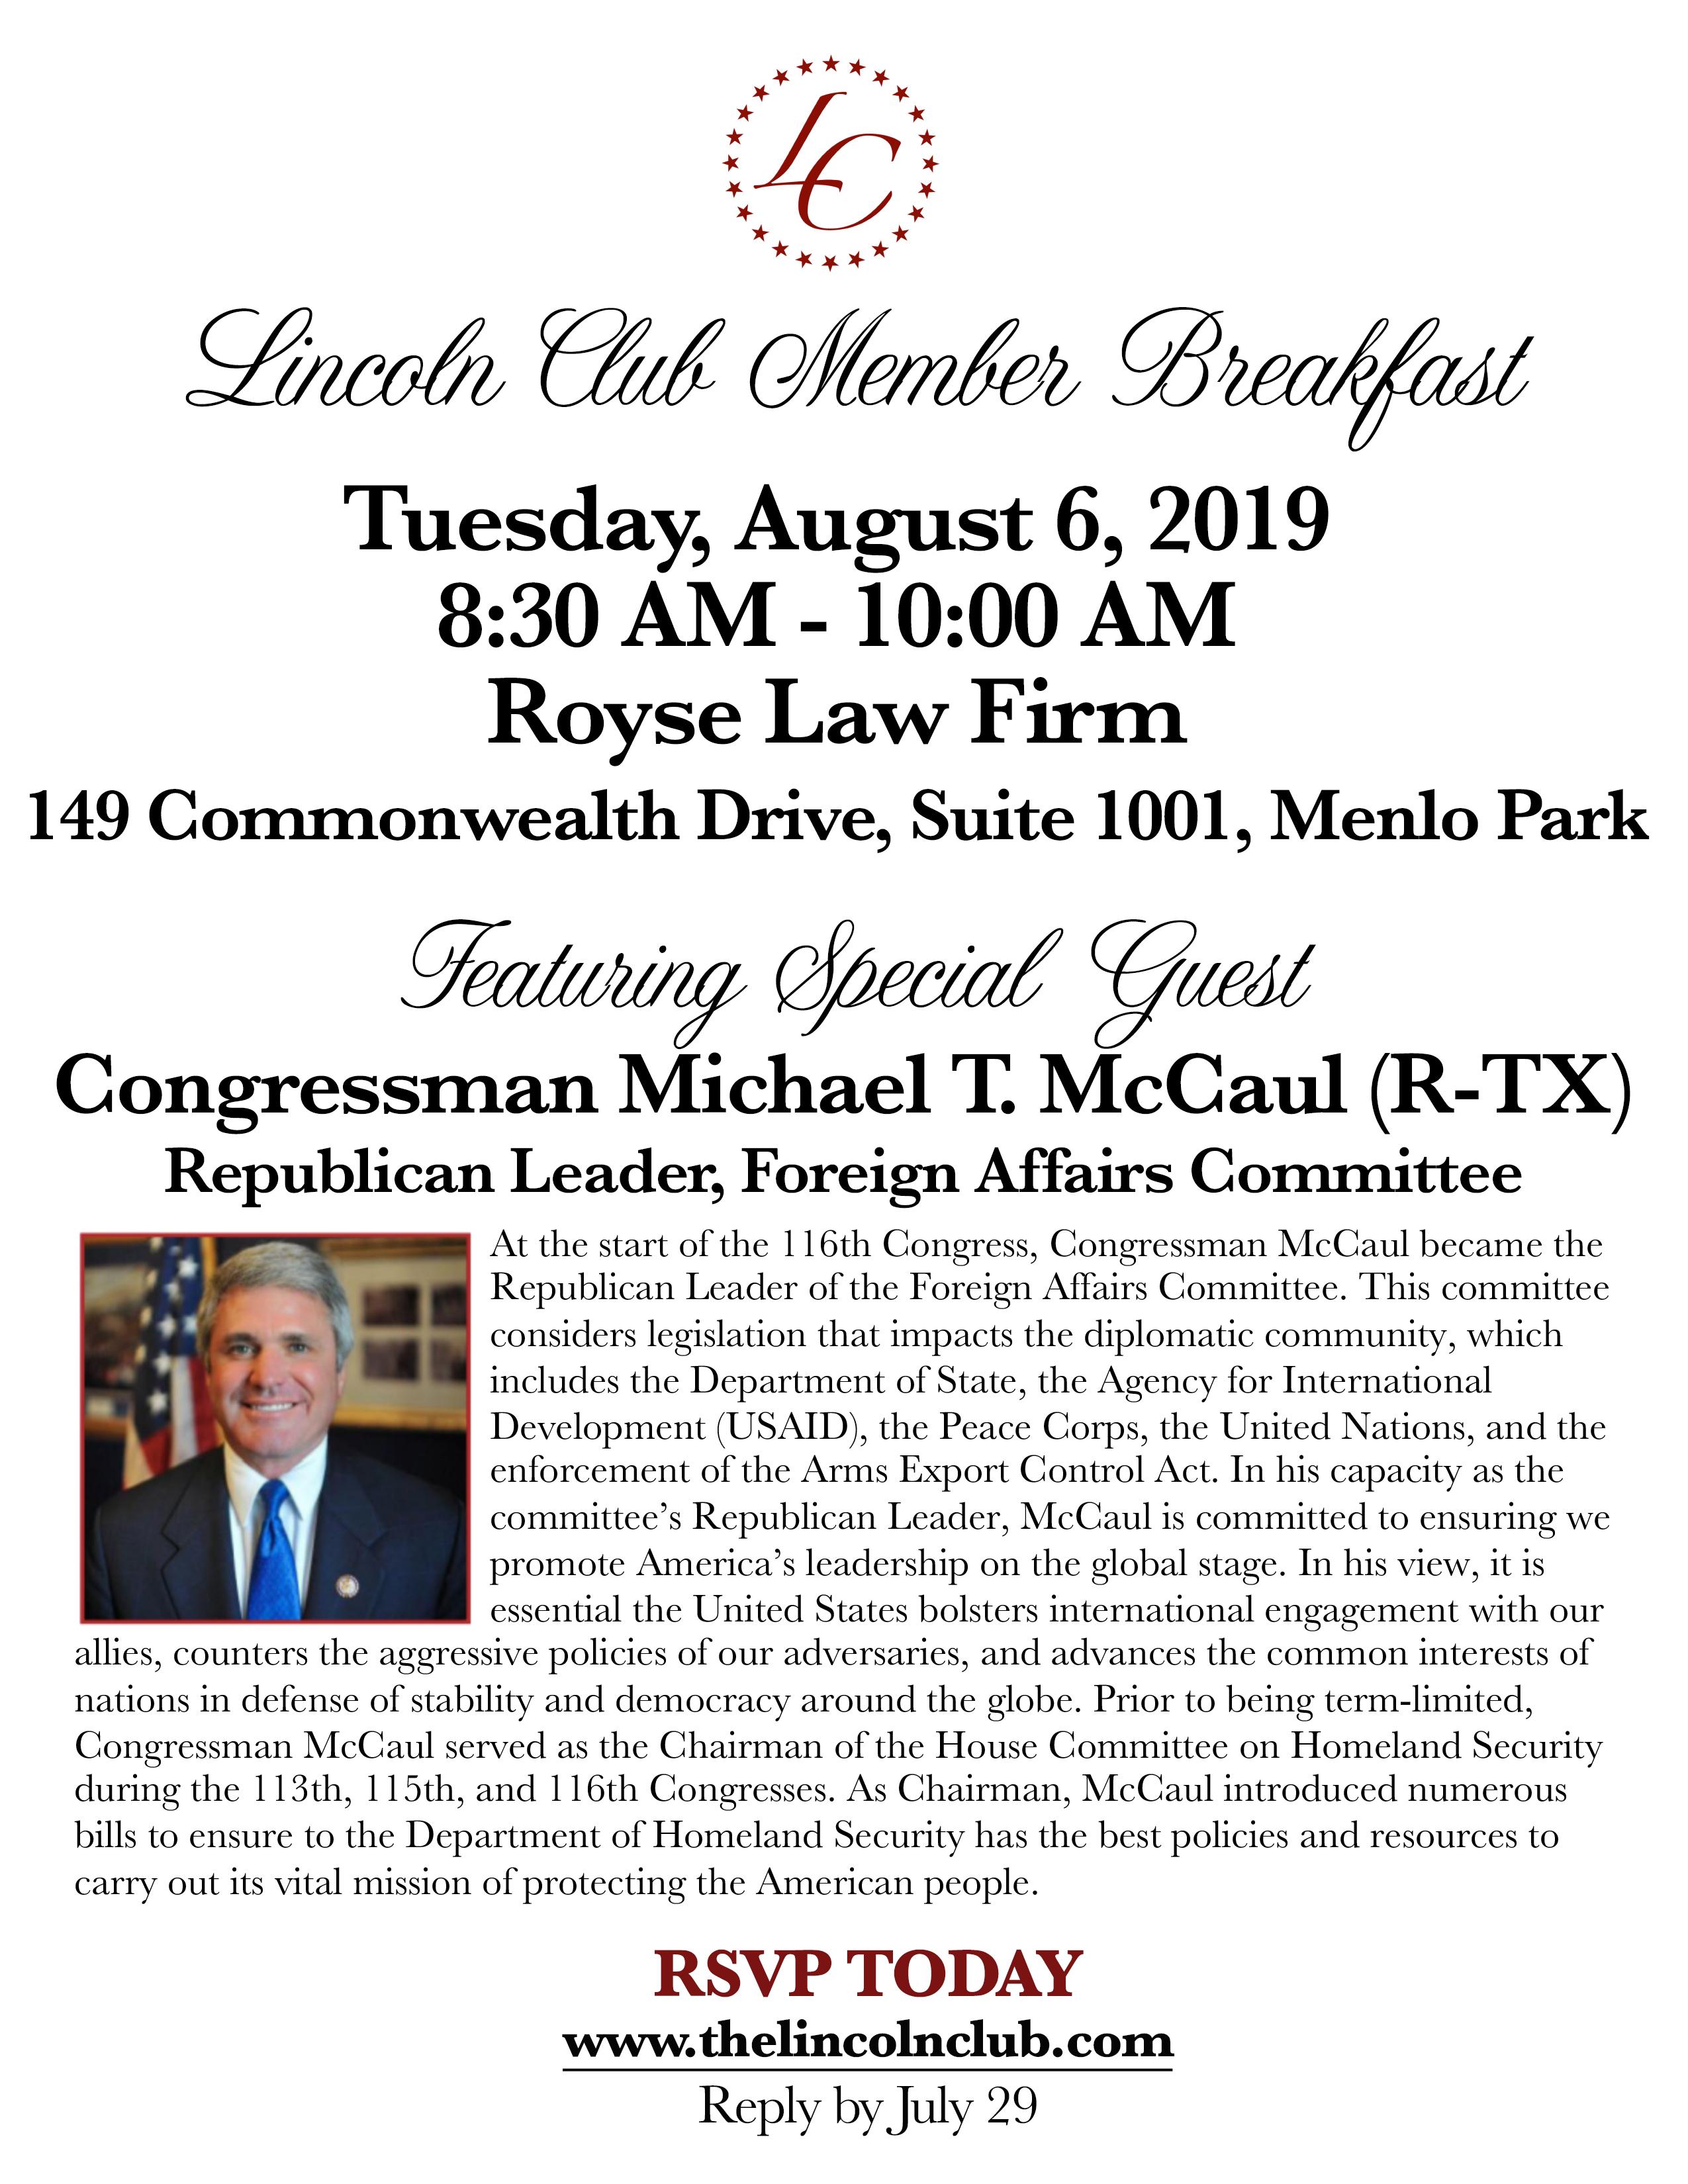 McCaul Invite